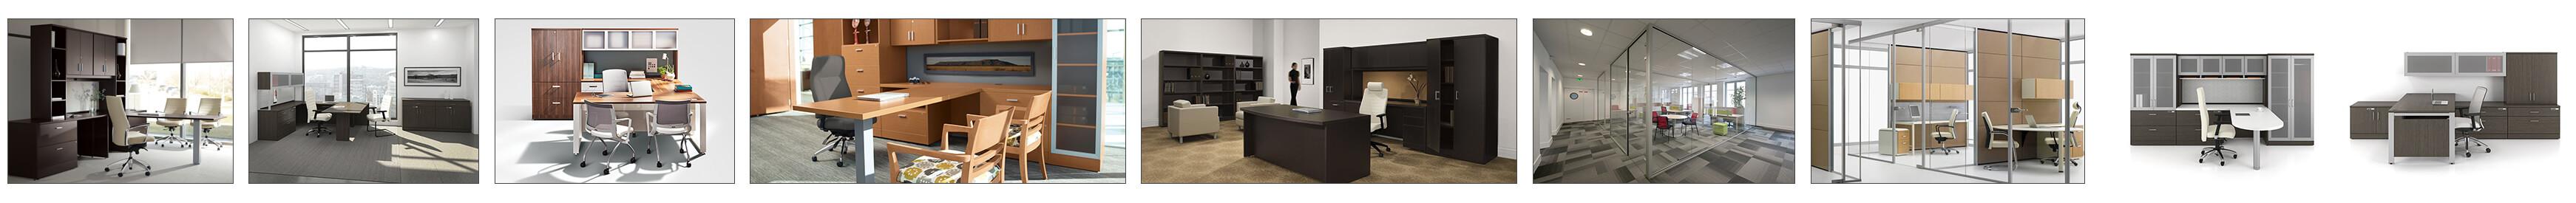 Bureau Plan De Travail bureaux et postes de travail sur mesure | bureau plan